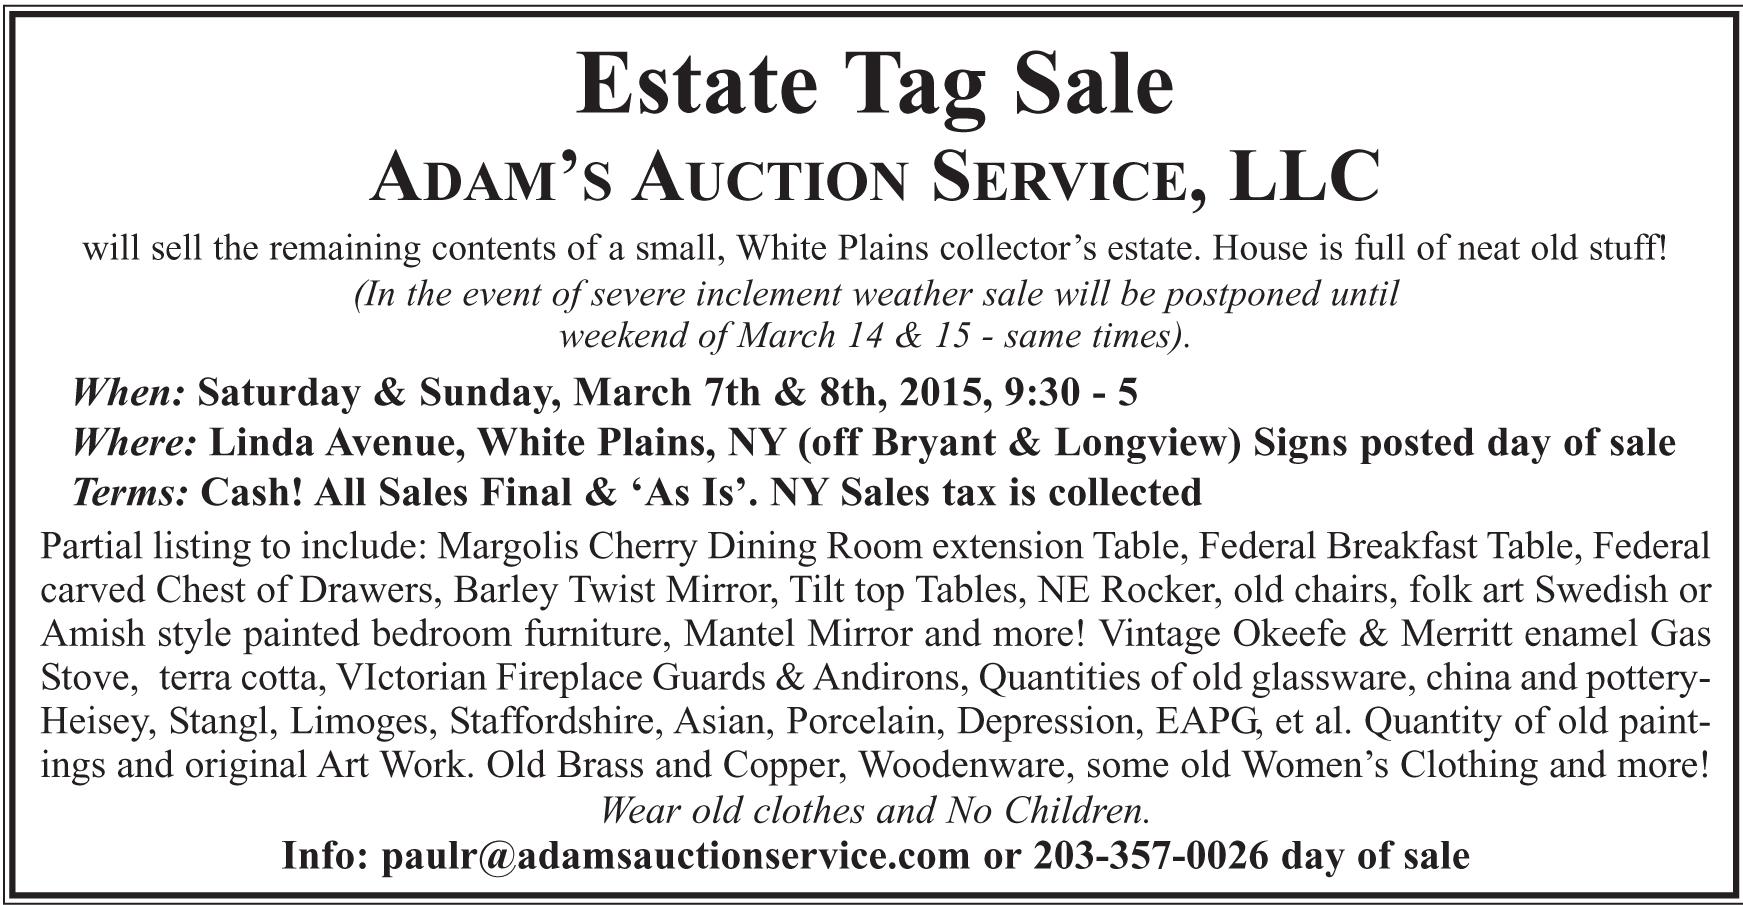 White Plains, NY Estate Tag Sale by ADAM'S AUCTION SERVICE, LLC